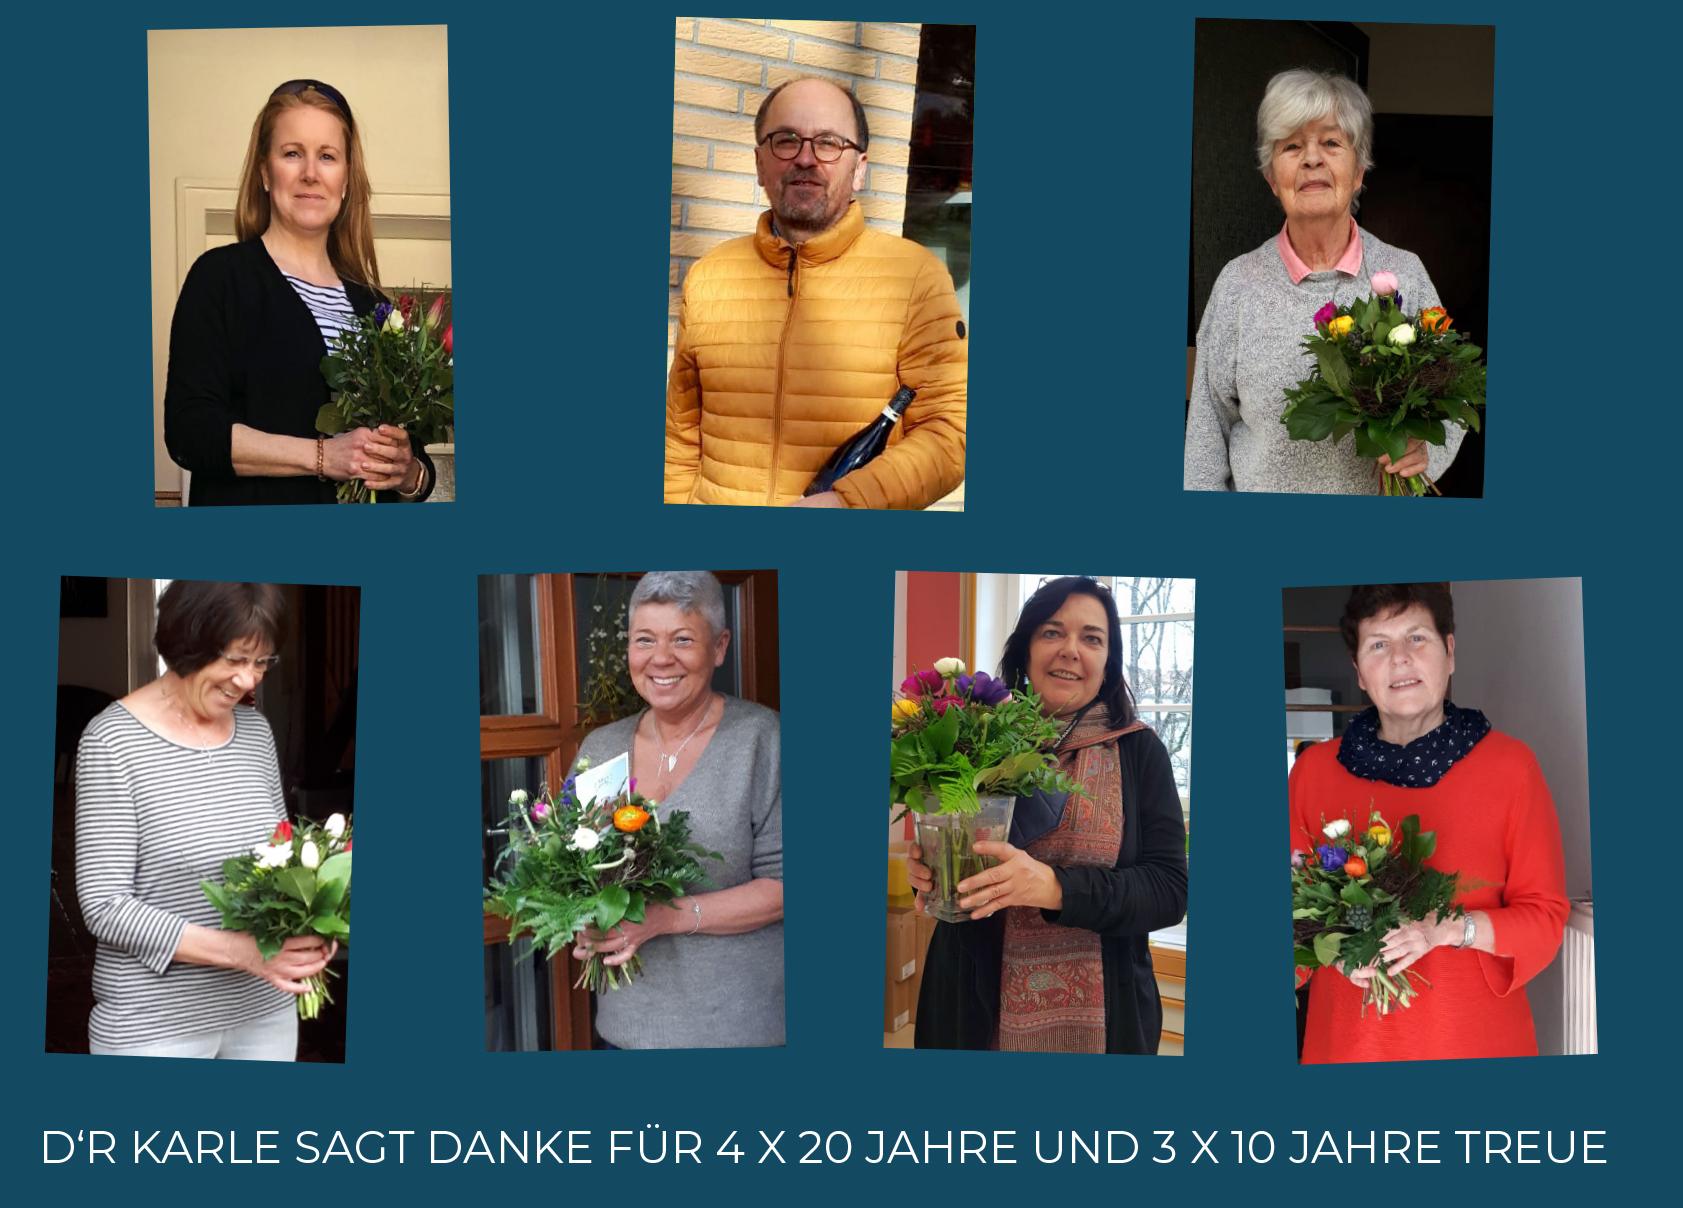 Karlschul-Förderverein sammelt für Schulzeitung